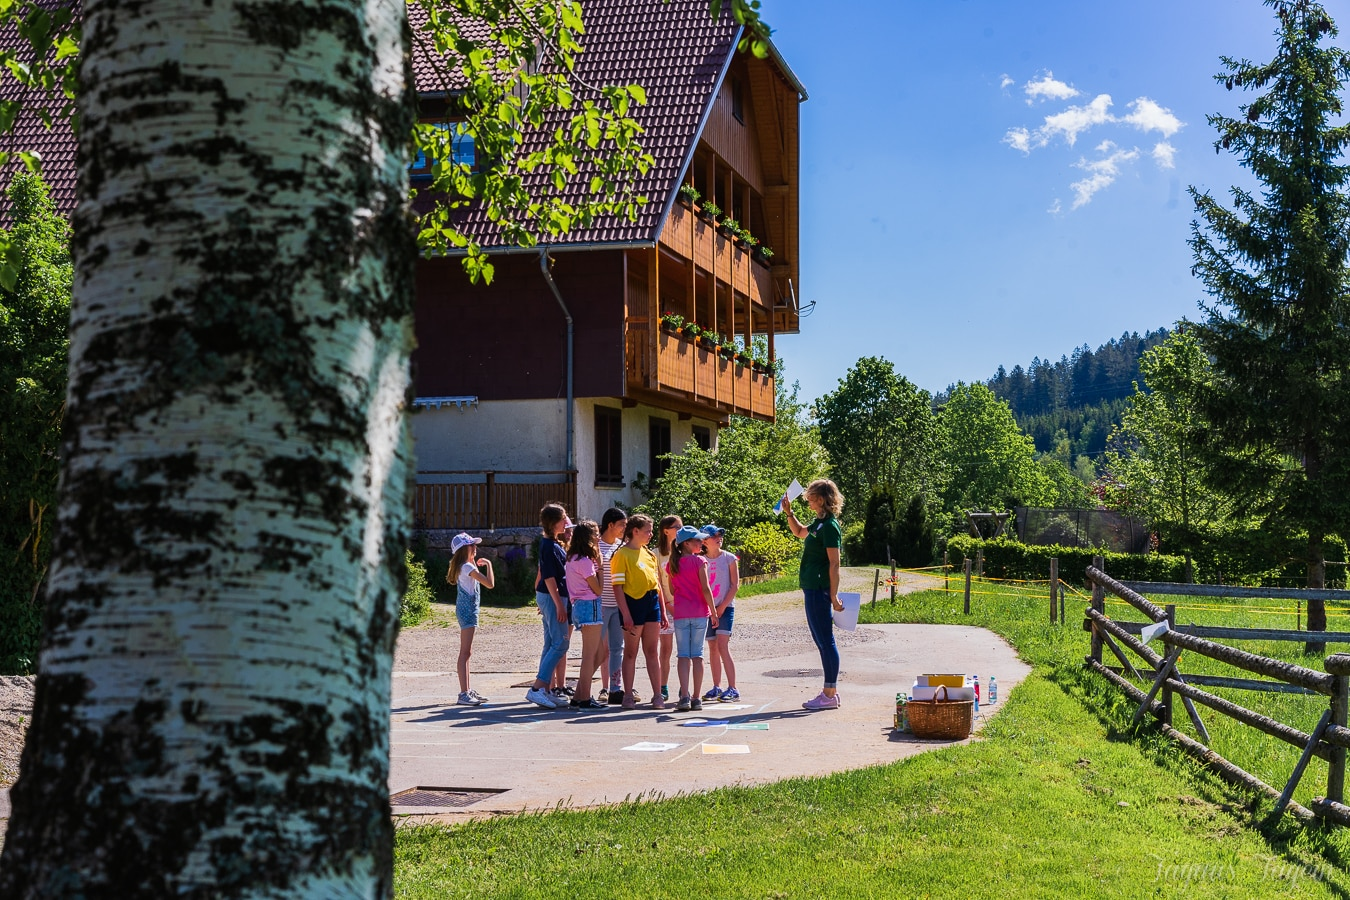 Lecker-Entdecker-Tag Schwarzwaldmilch St. Georgen